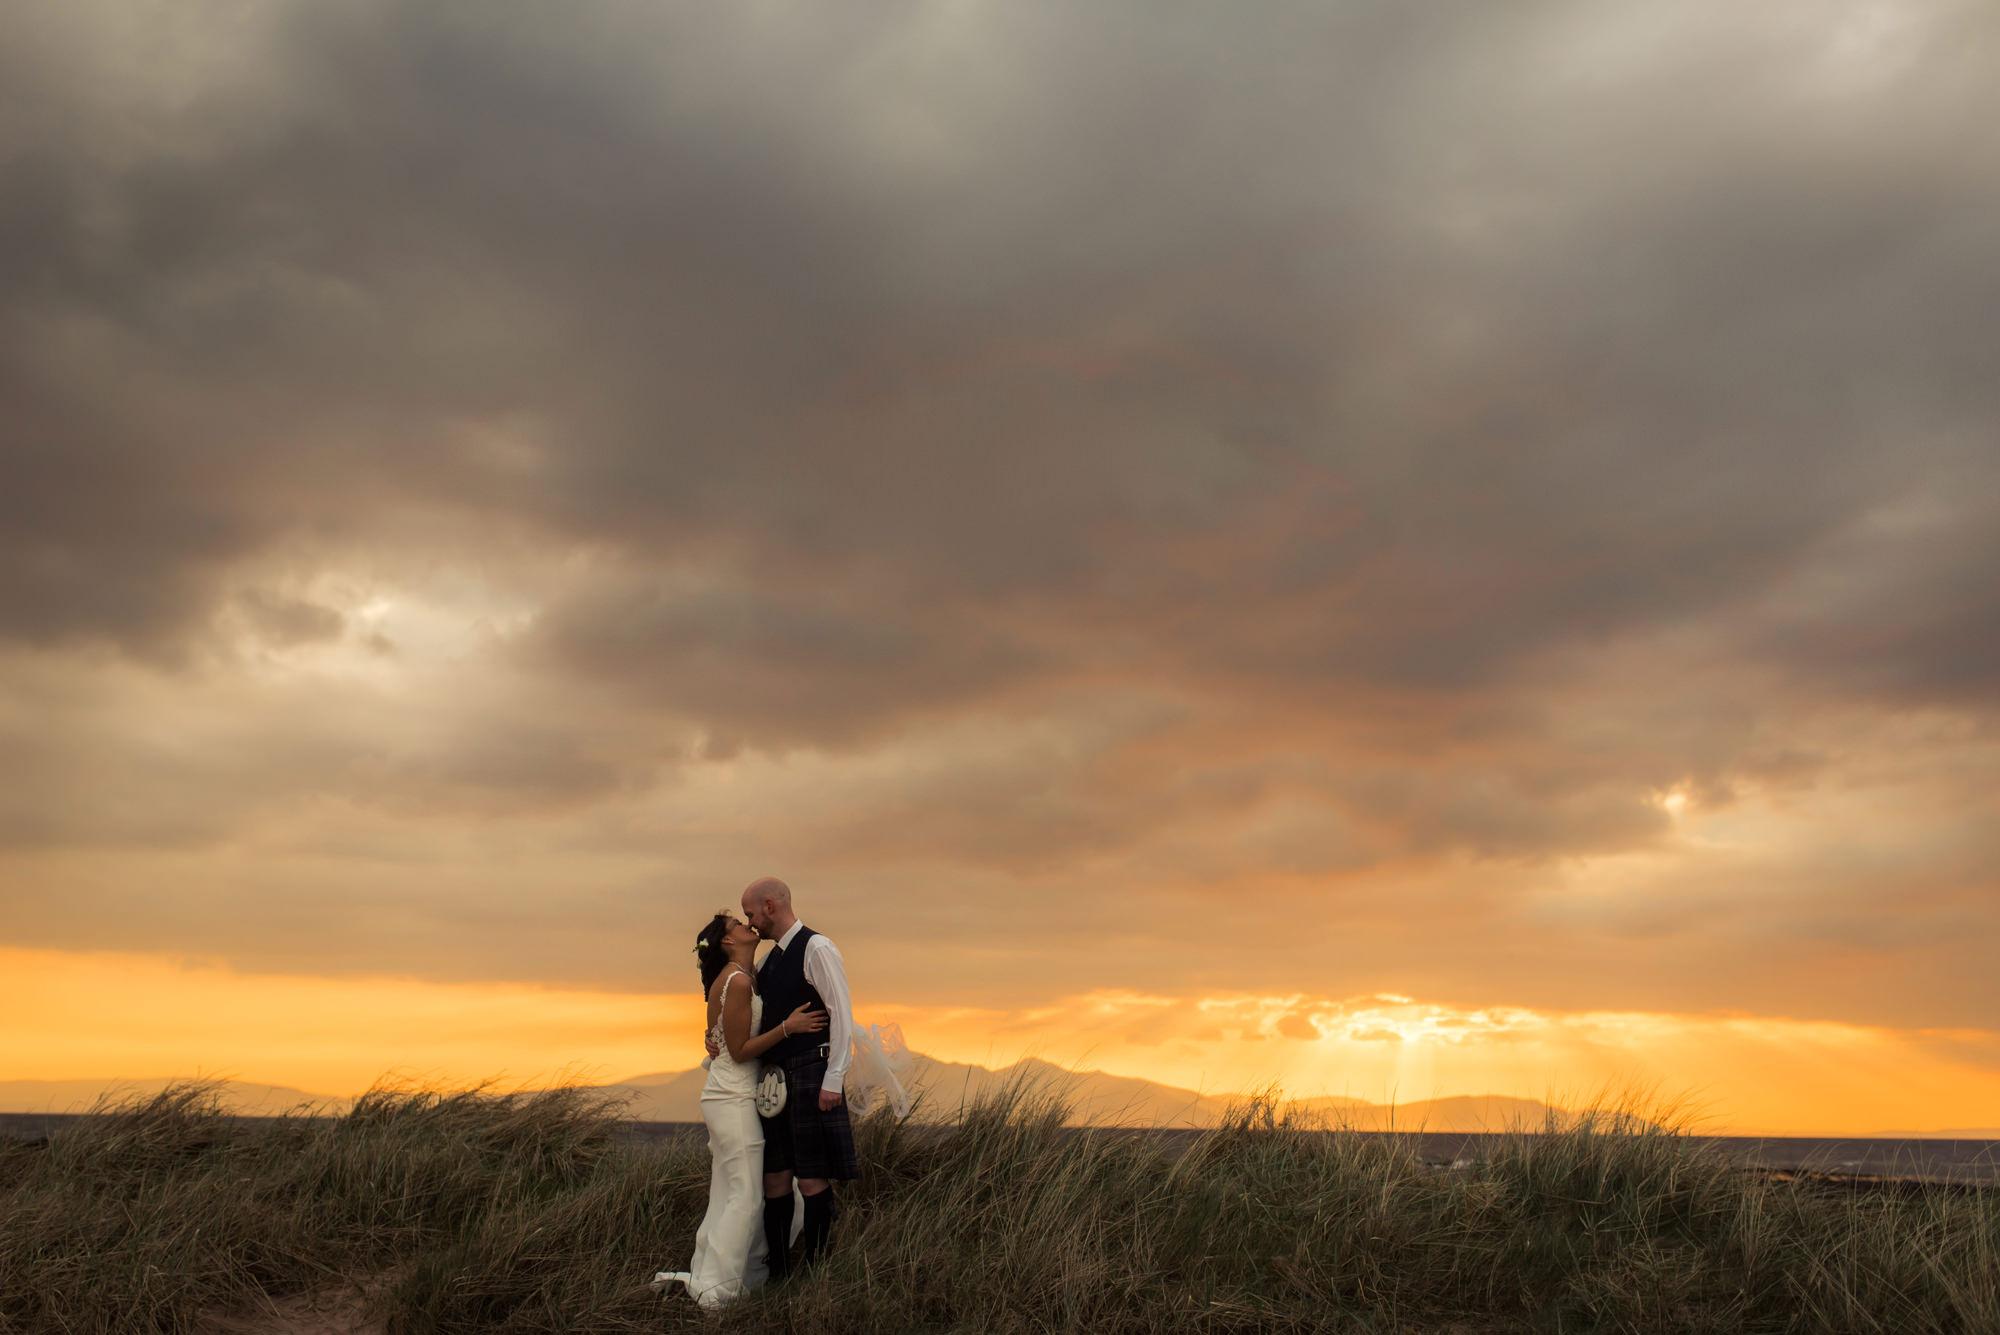 rustic-wedding-ideas-scotland.jpg